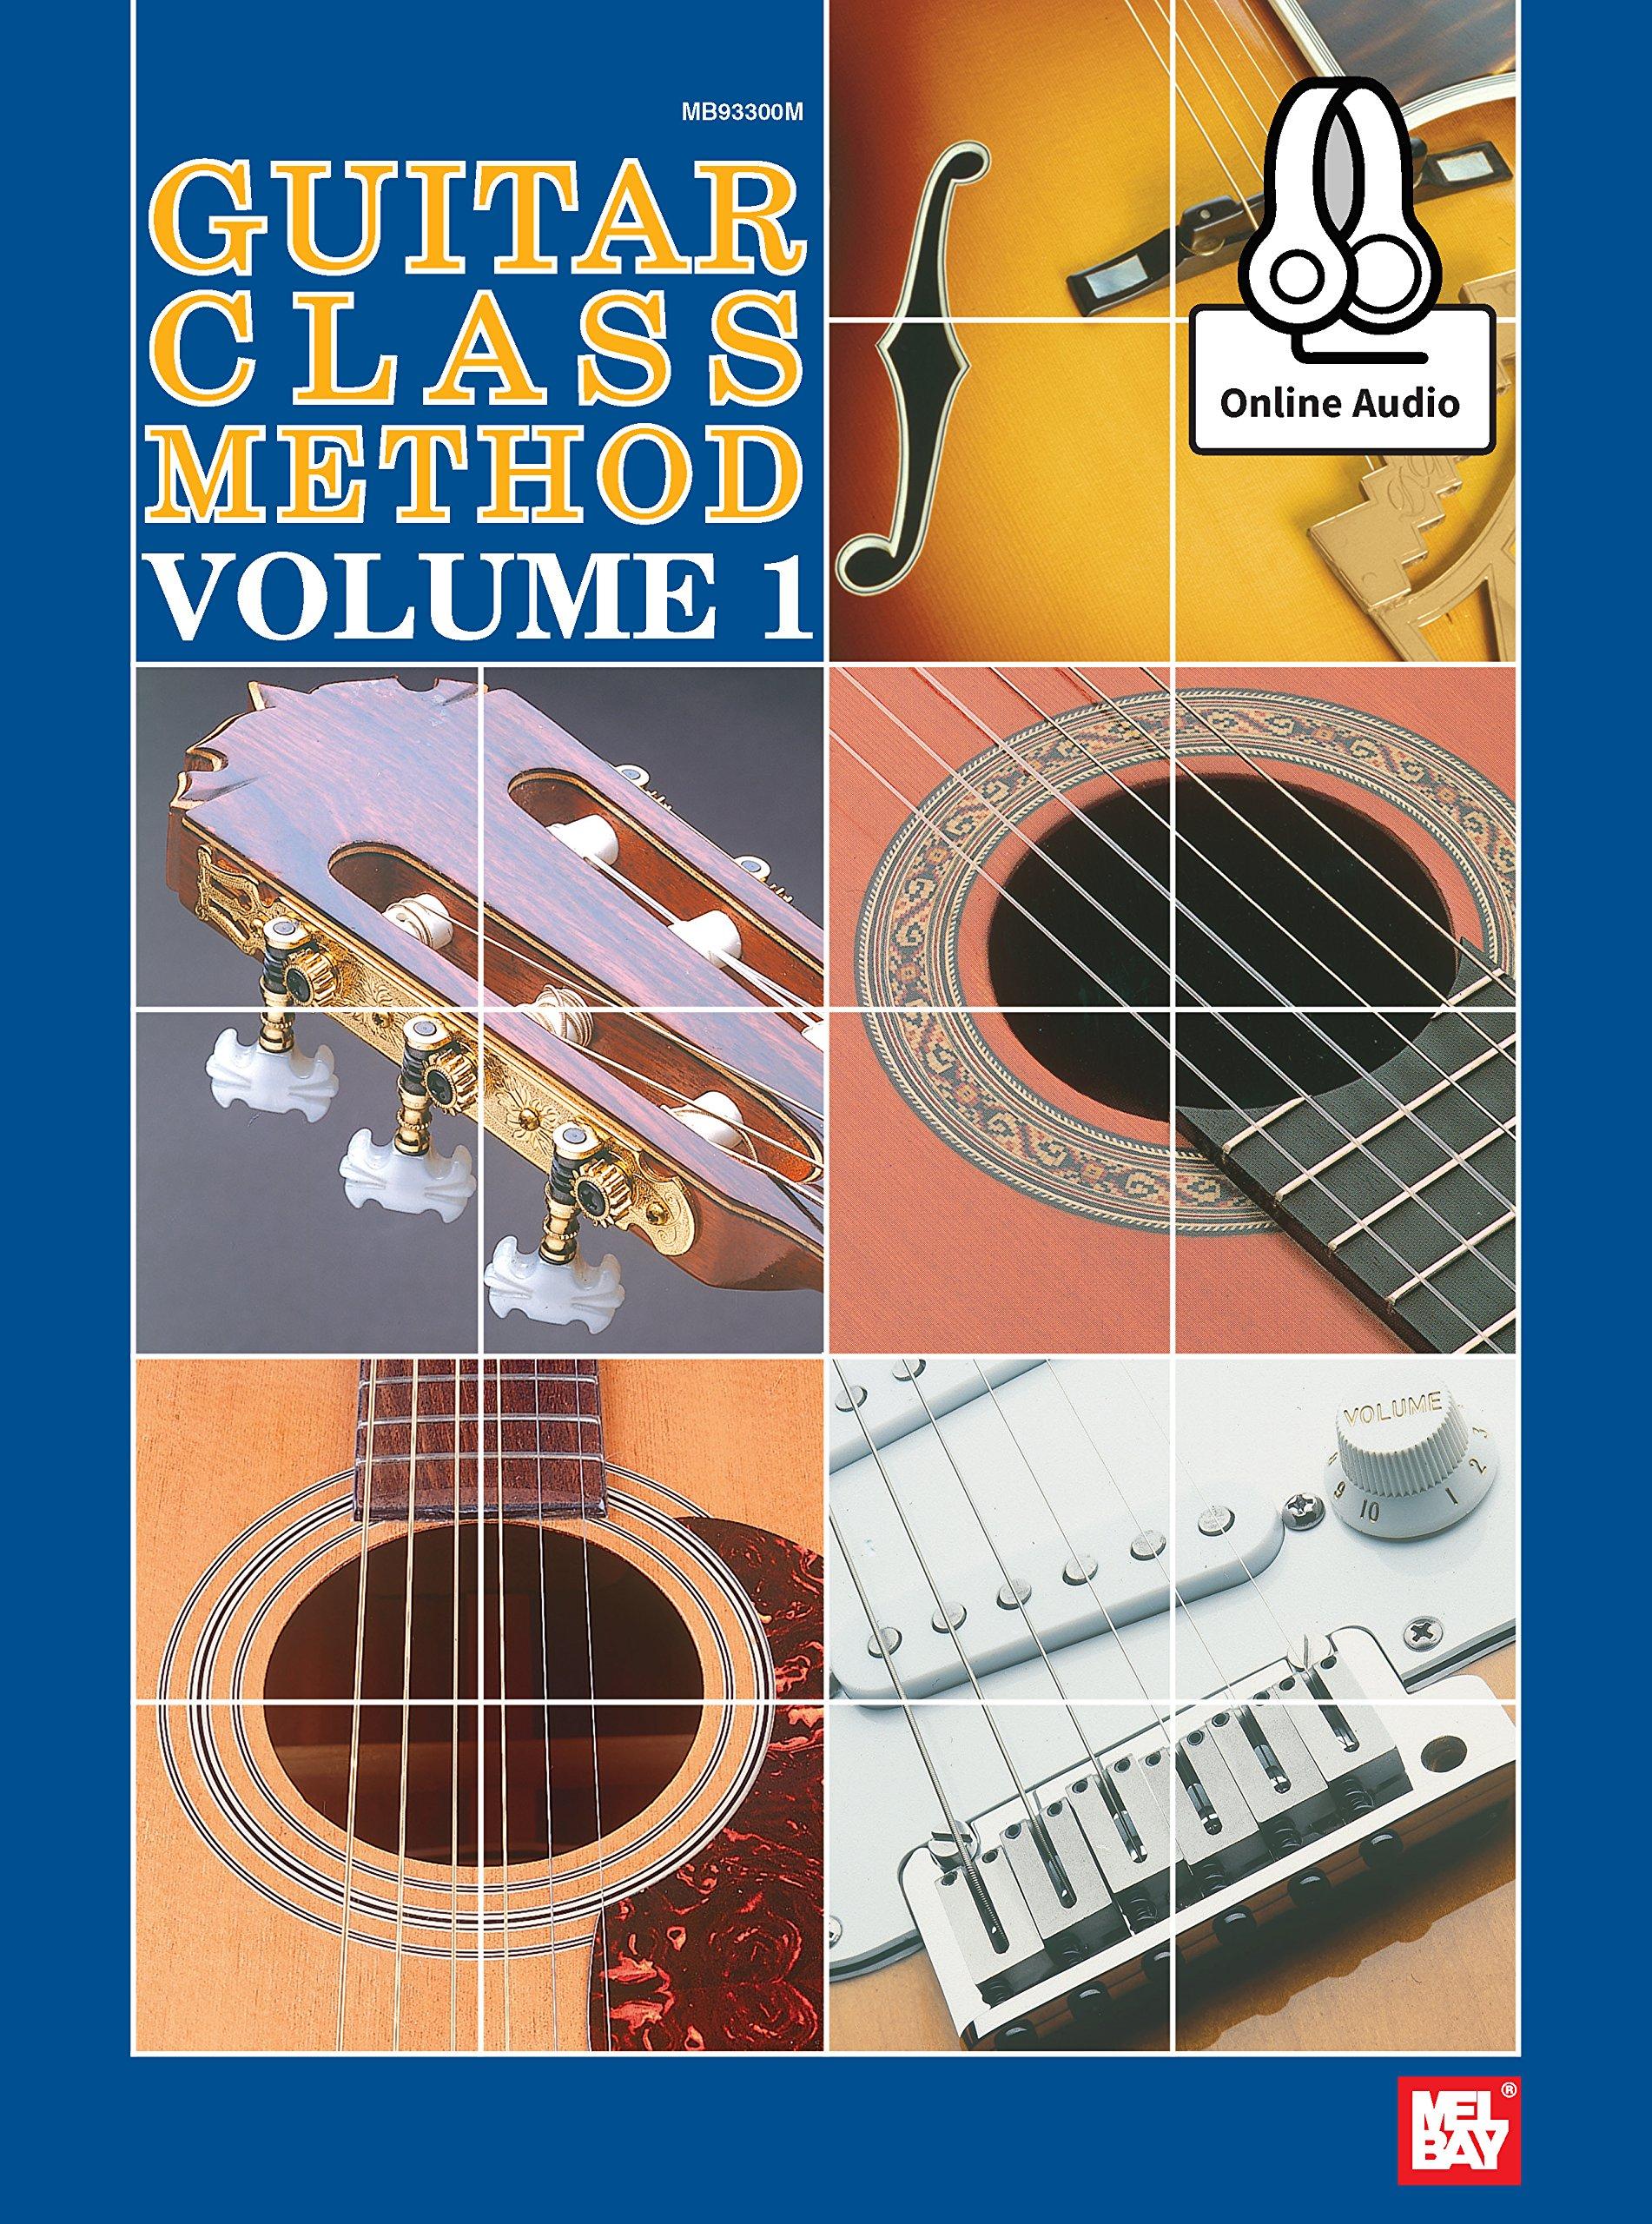 Download Guitar Class Method Volume 1 ebook